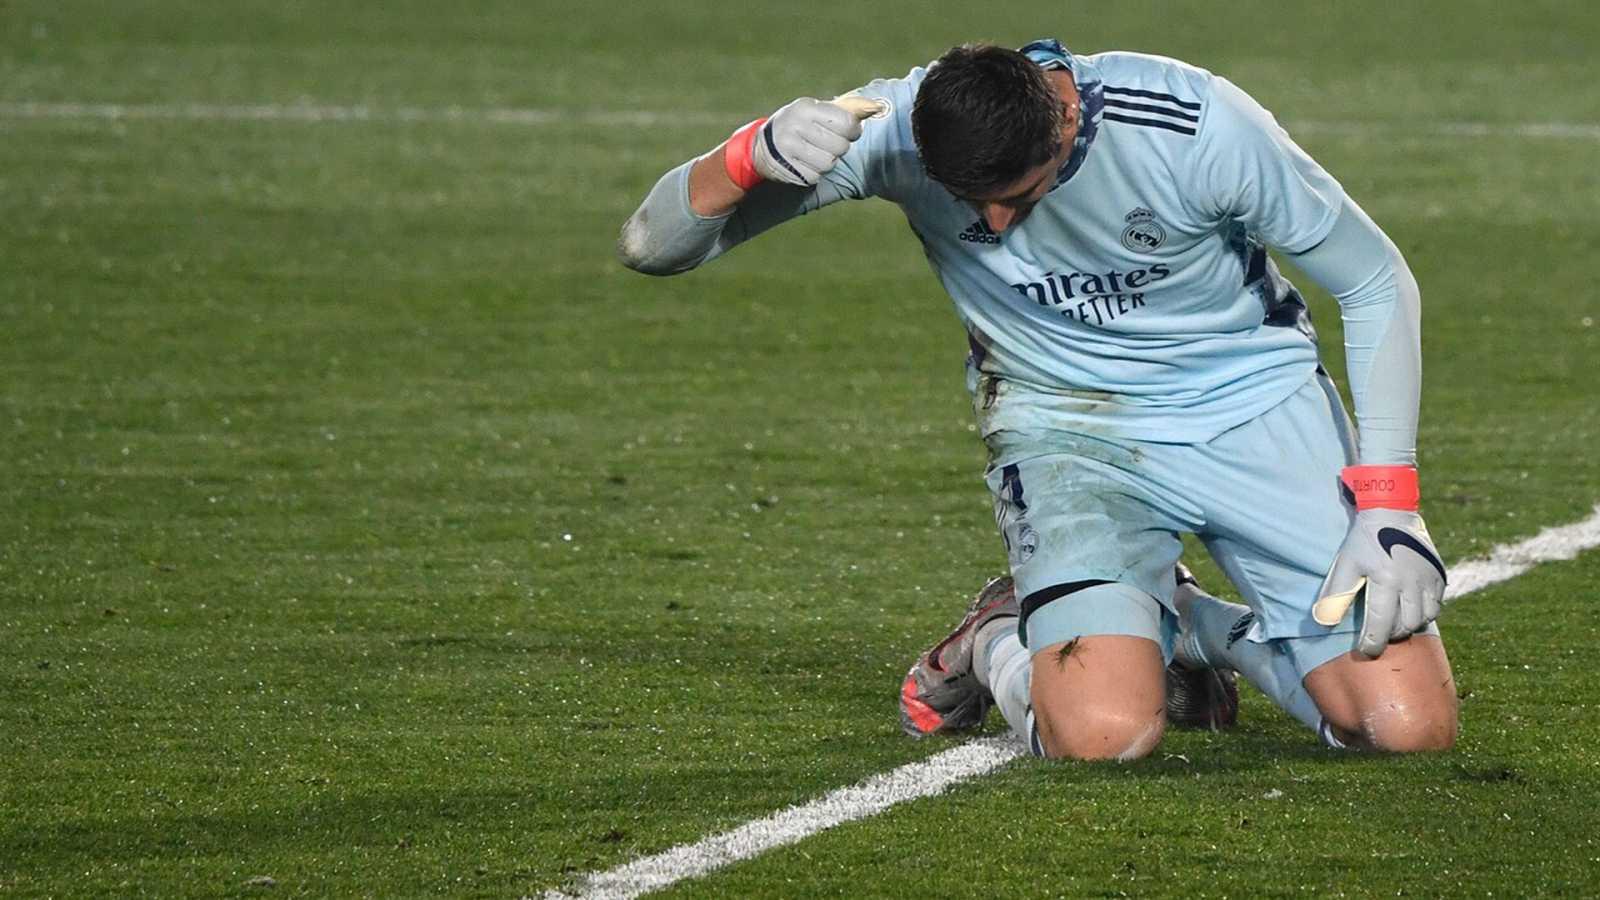 Tablero deportivo - El Madrid vuelve a perder en Liga - Escuchar ahora